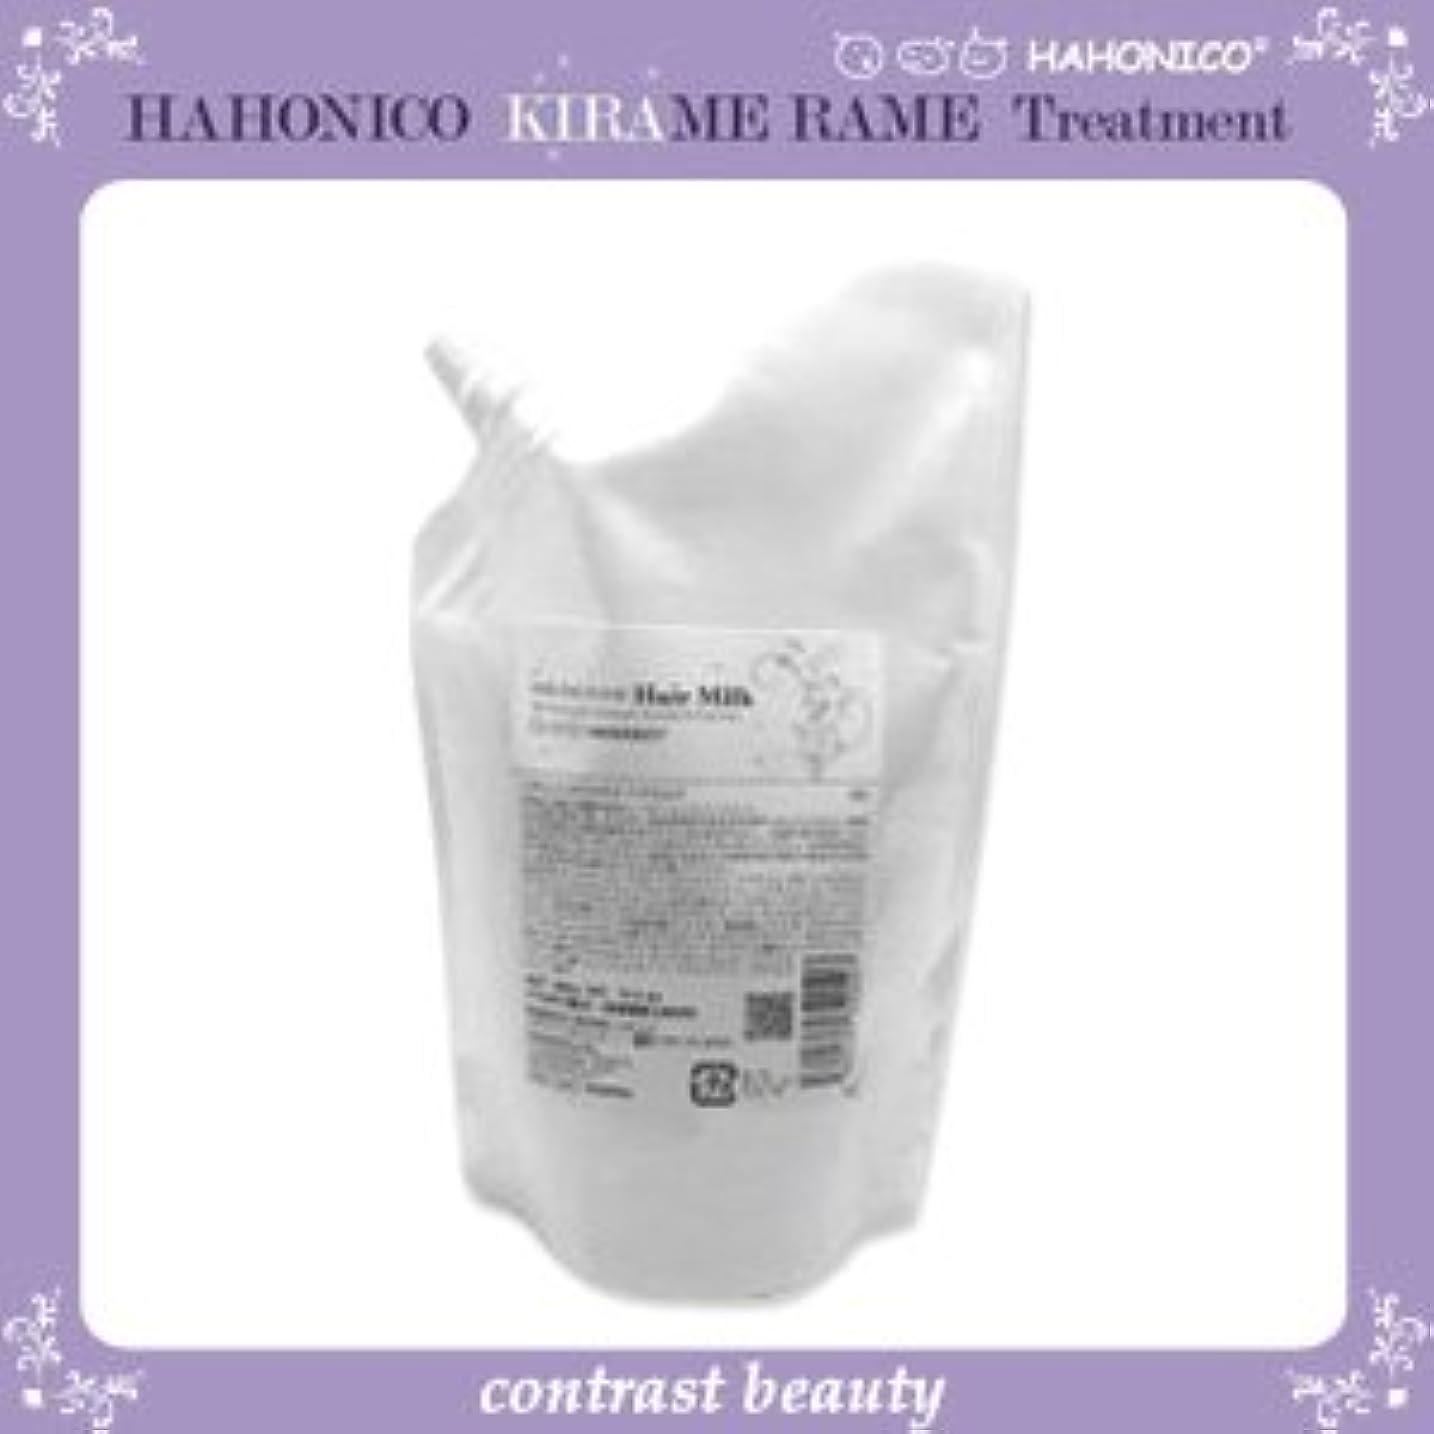 発明するカウントアップ仕様【X5個セット】 ハホニコ キラメラメ ヘアミルク 300g KIRAME RAME HAHONICO